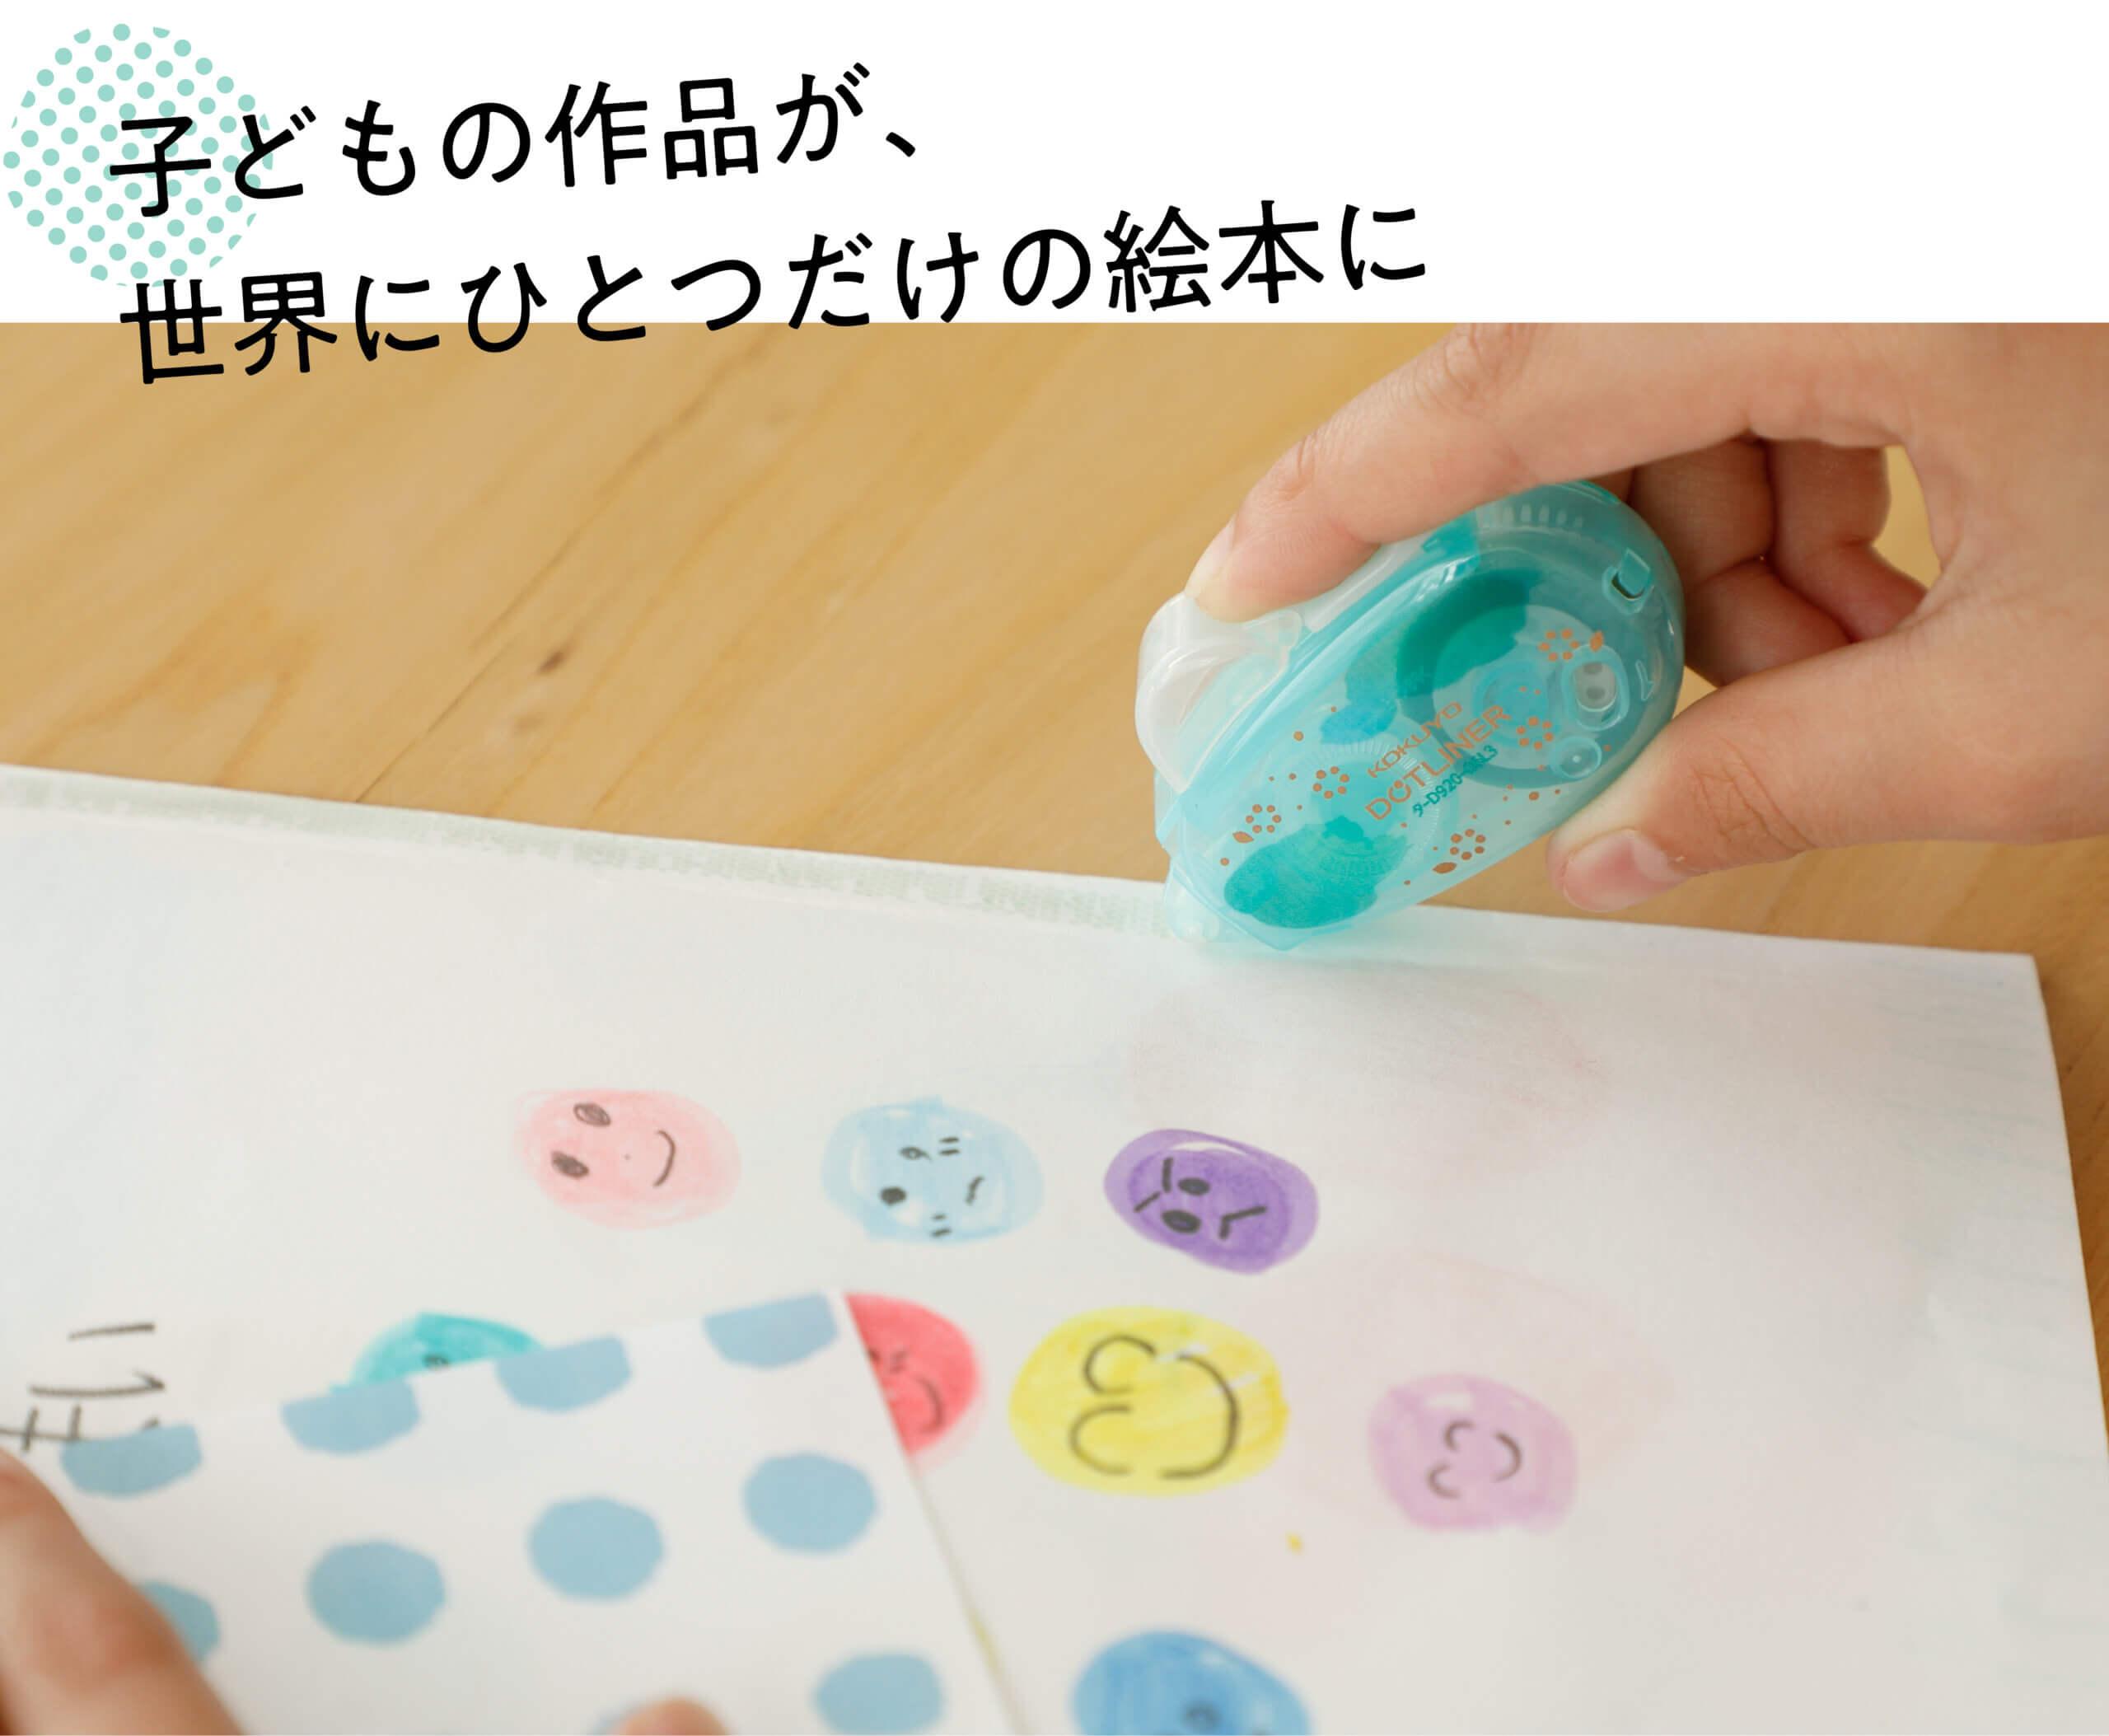 子どもの作品が、世界にひとつだけの絵本に